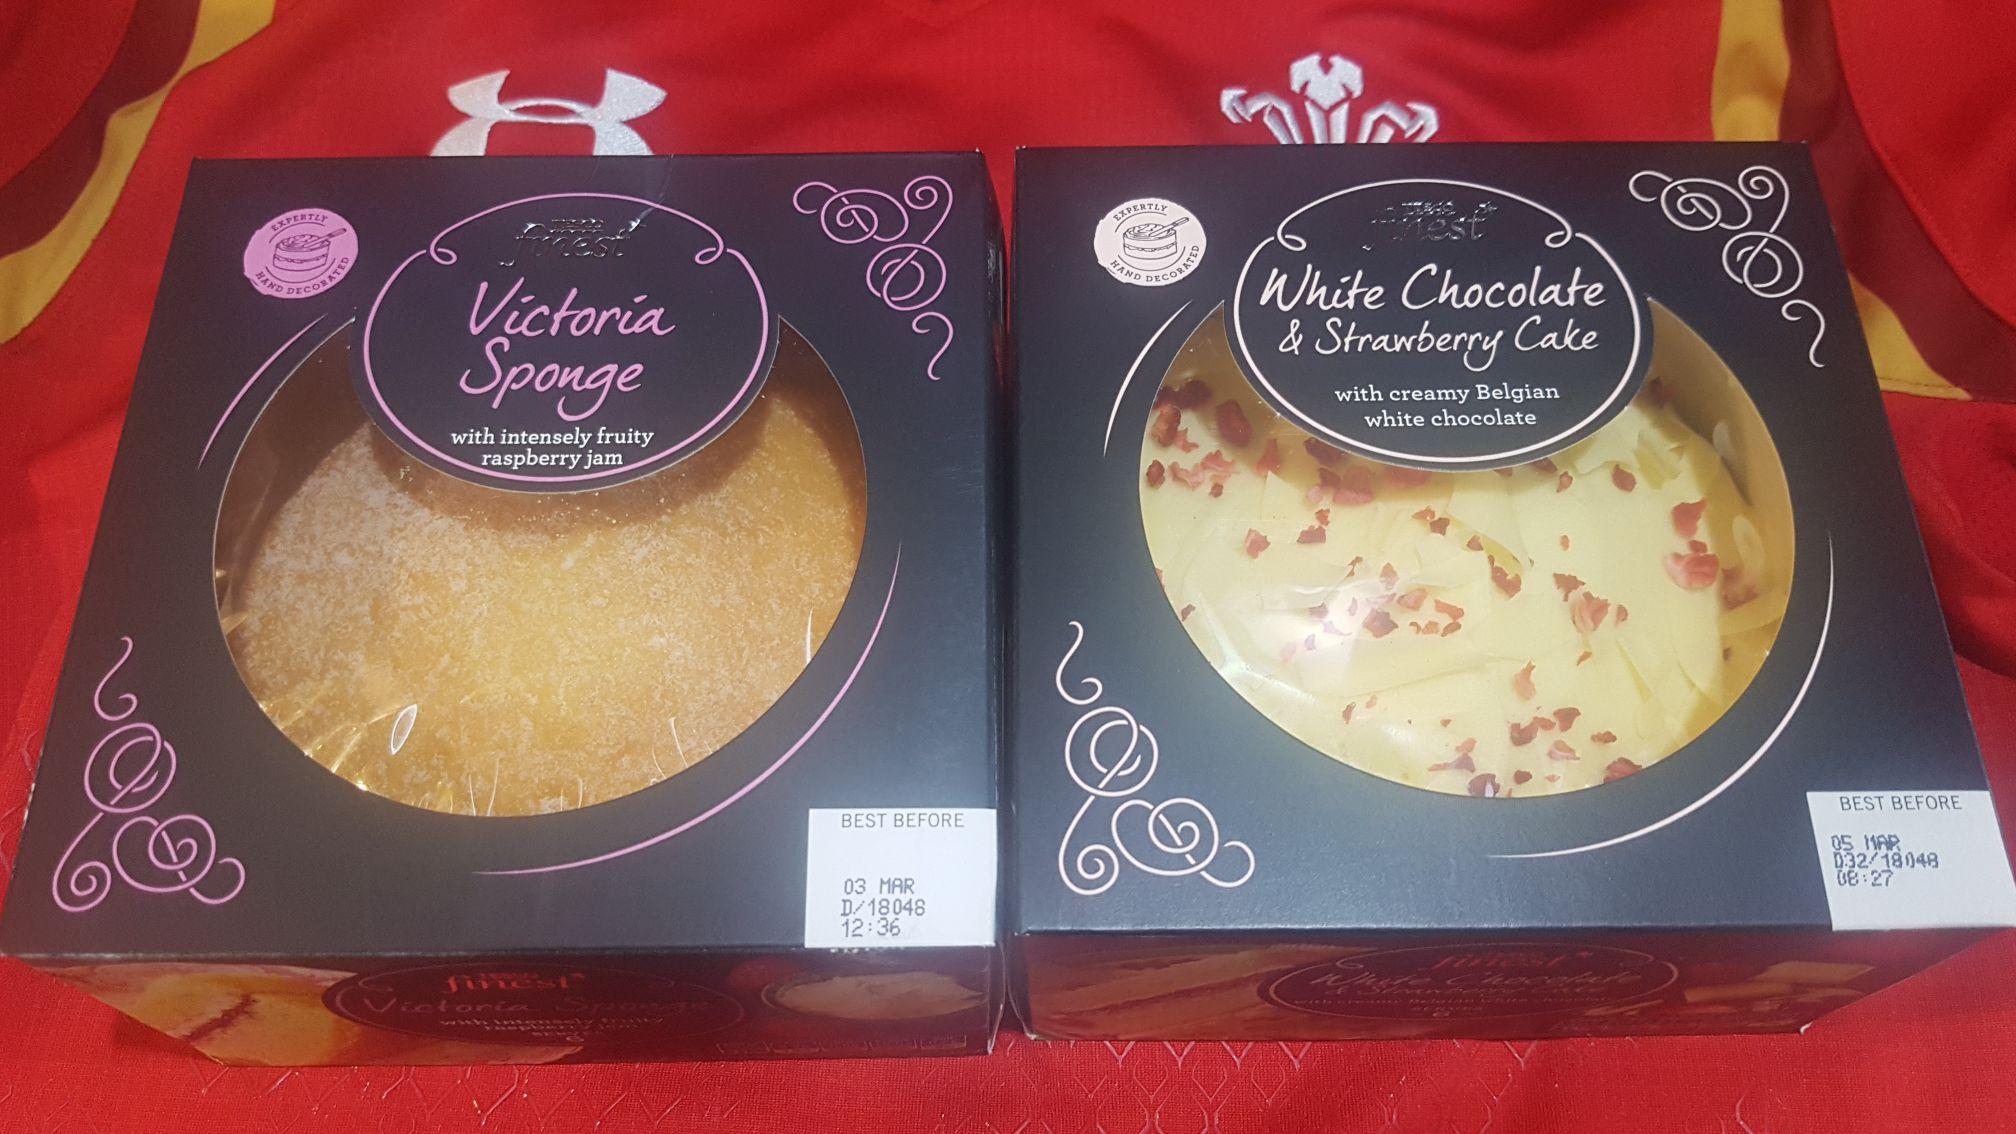 CAKE?? - Tesco Finest Cakes (Serves 6) £1 instore @ Tesco